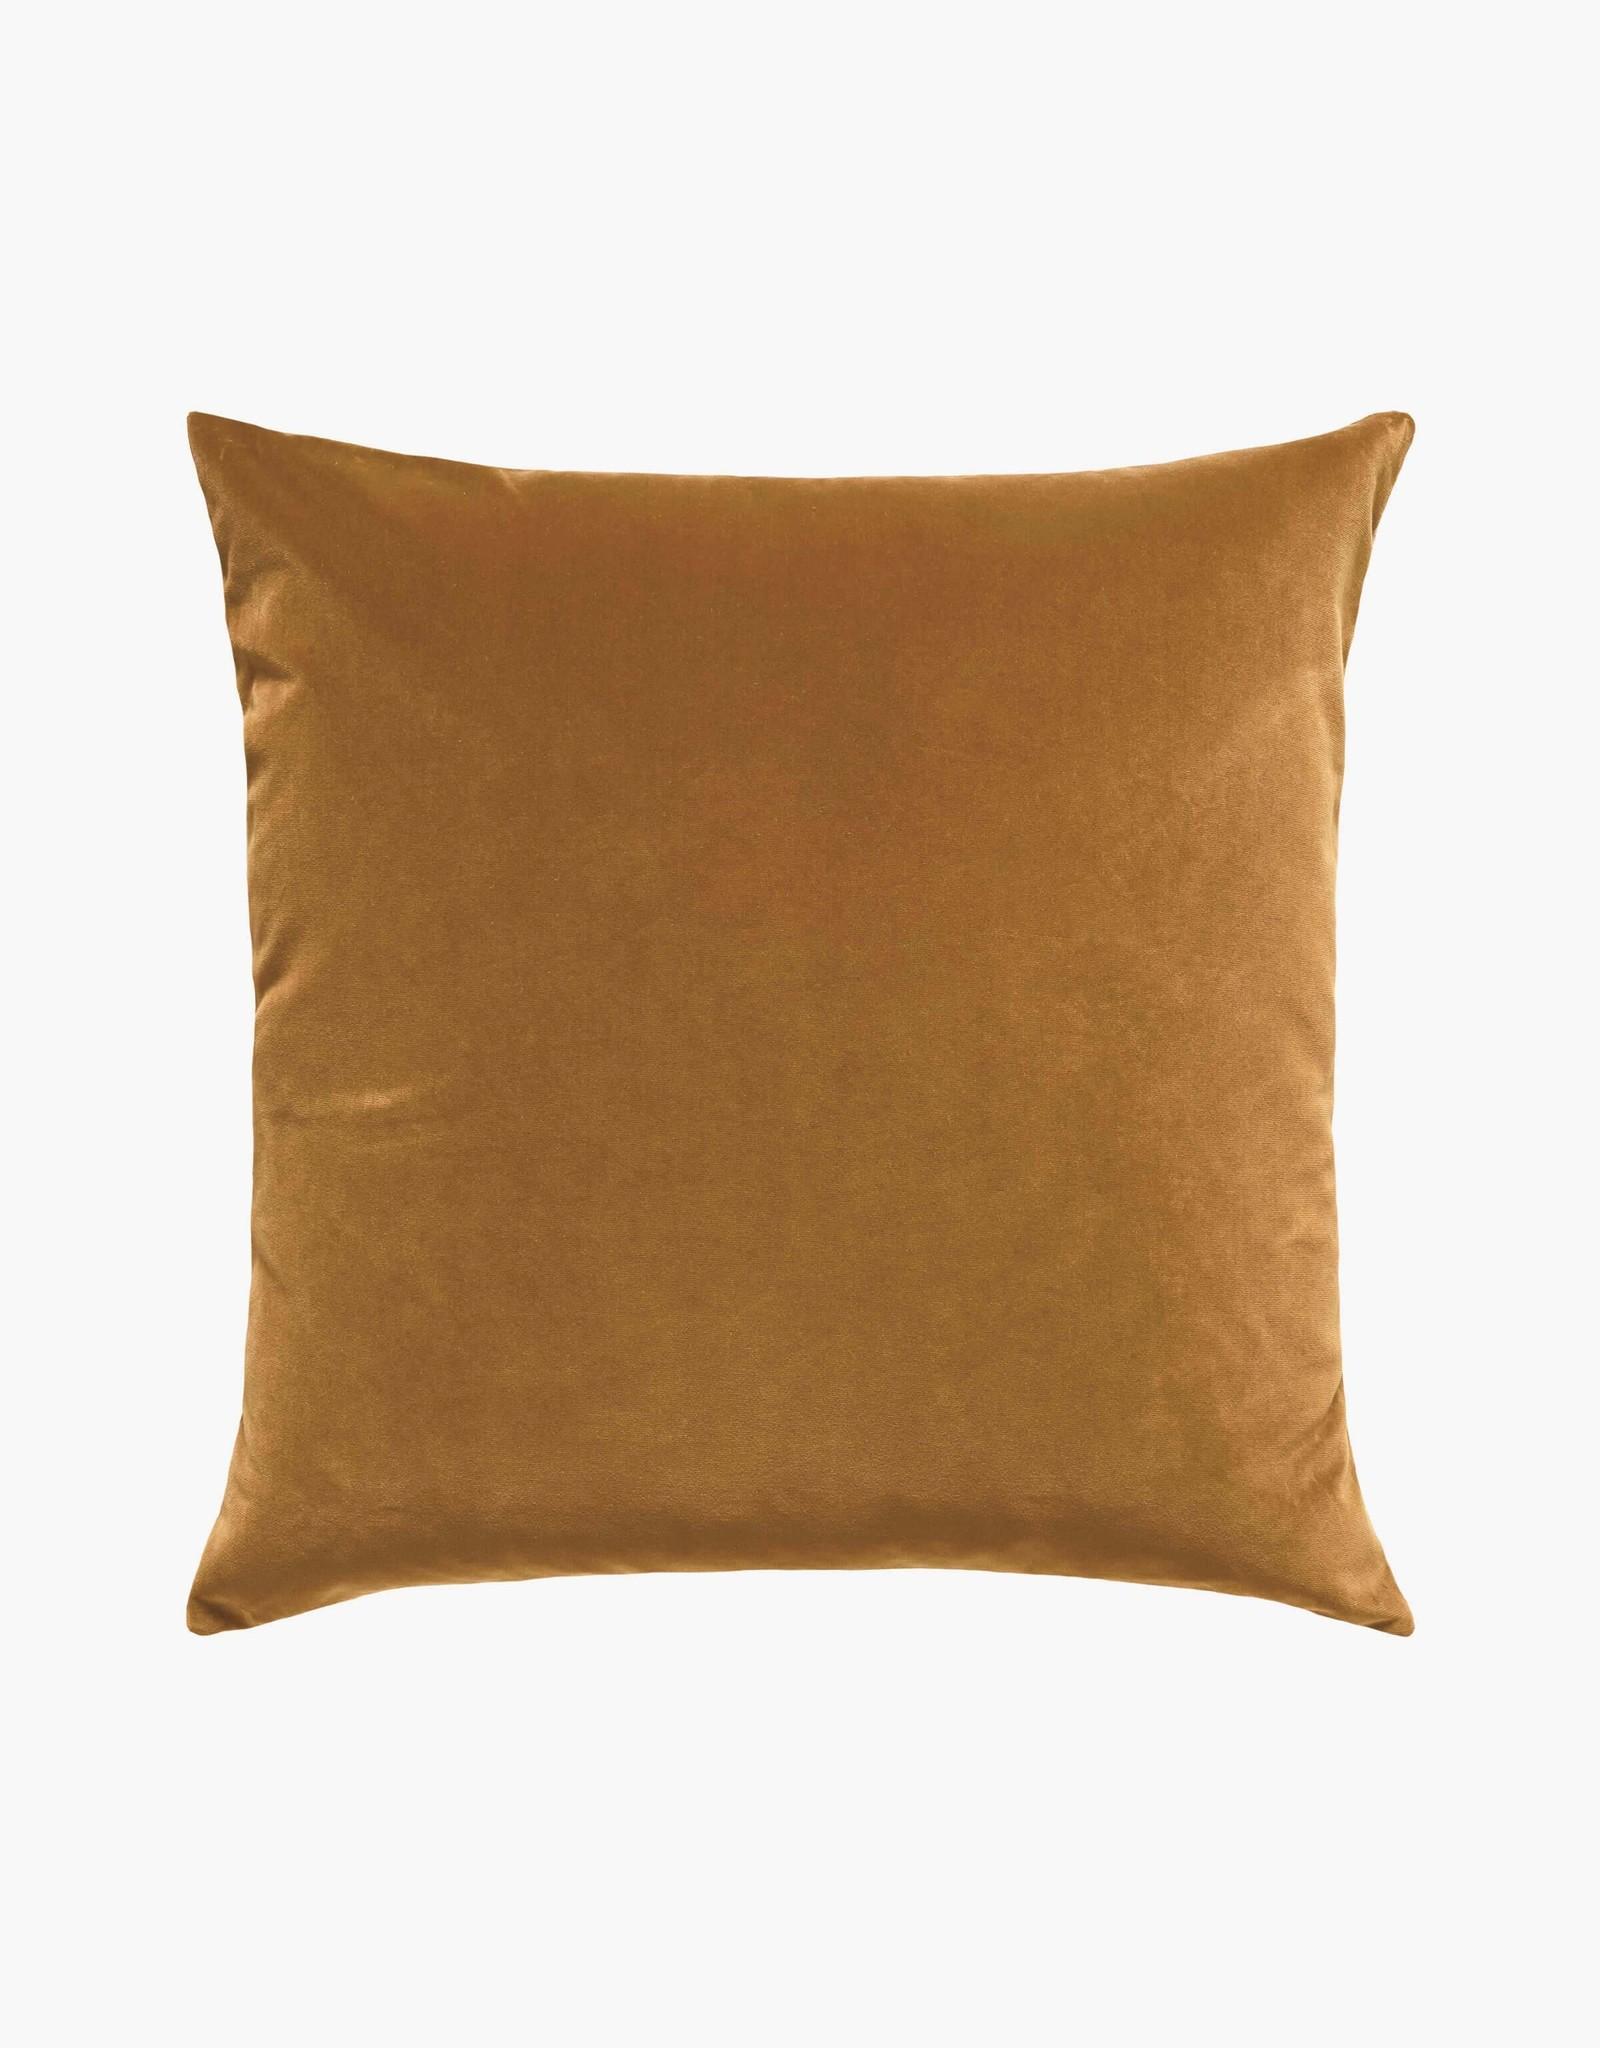 Eltro toffee cushion 50x50cm